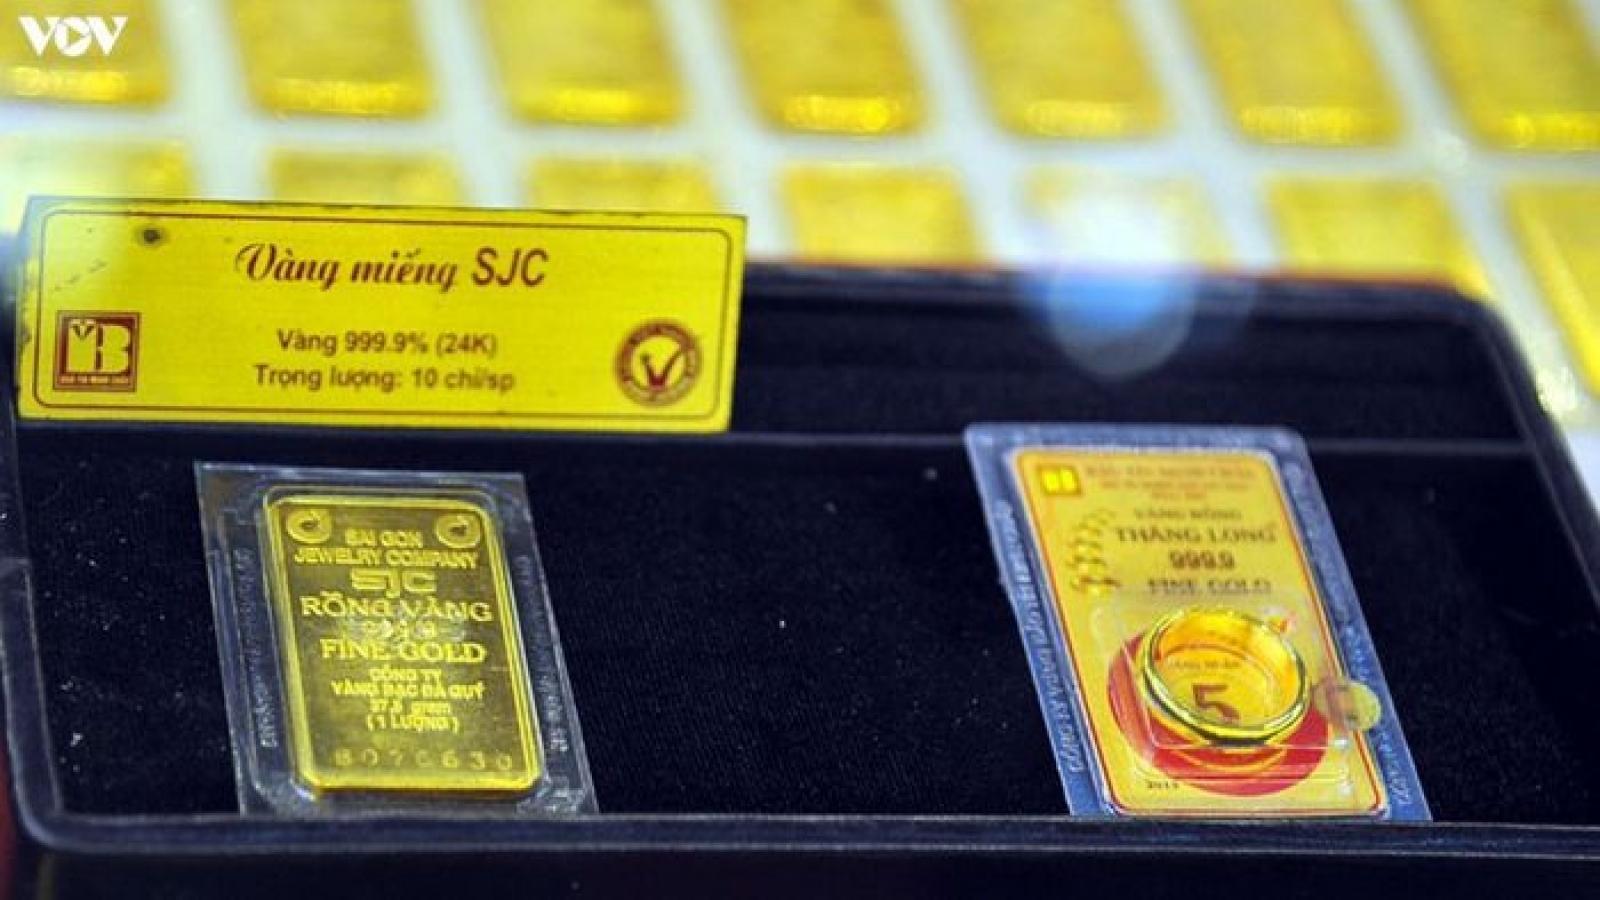 Giá vàng SJC tăng, đắt hơn vàng thế giới gần 5 triệu đồng/lượng